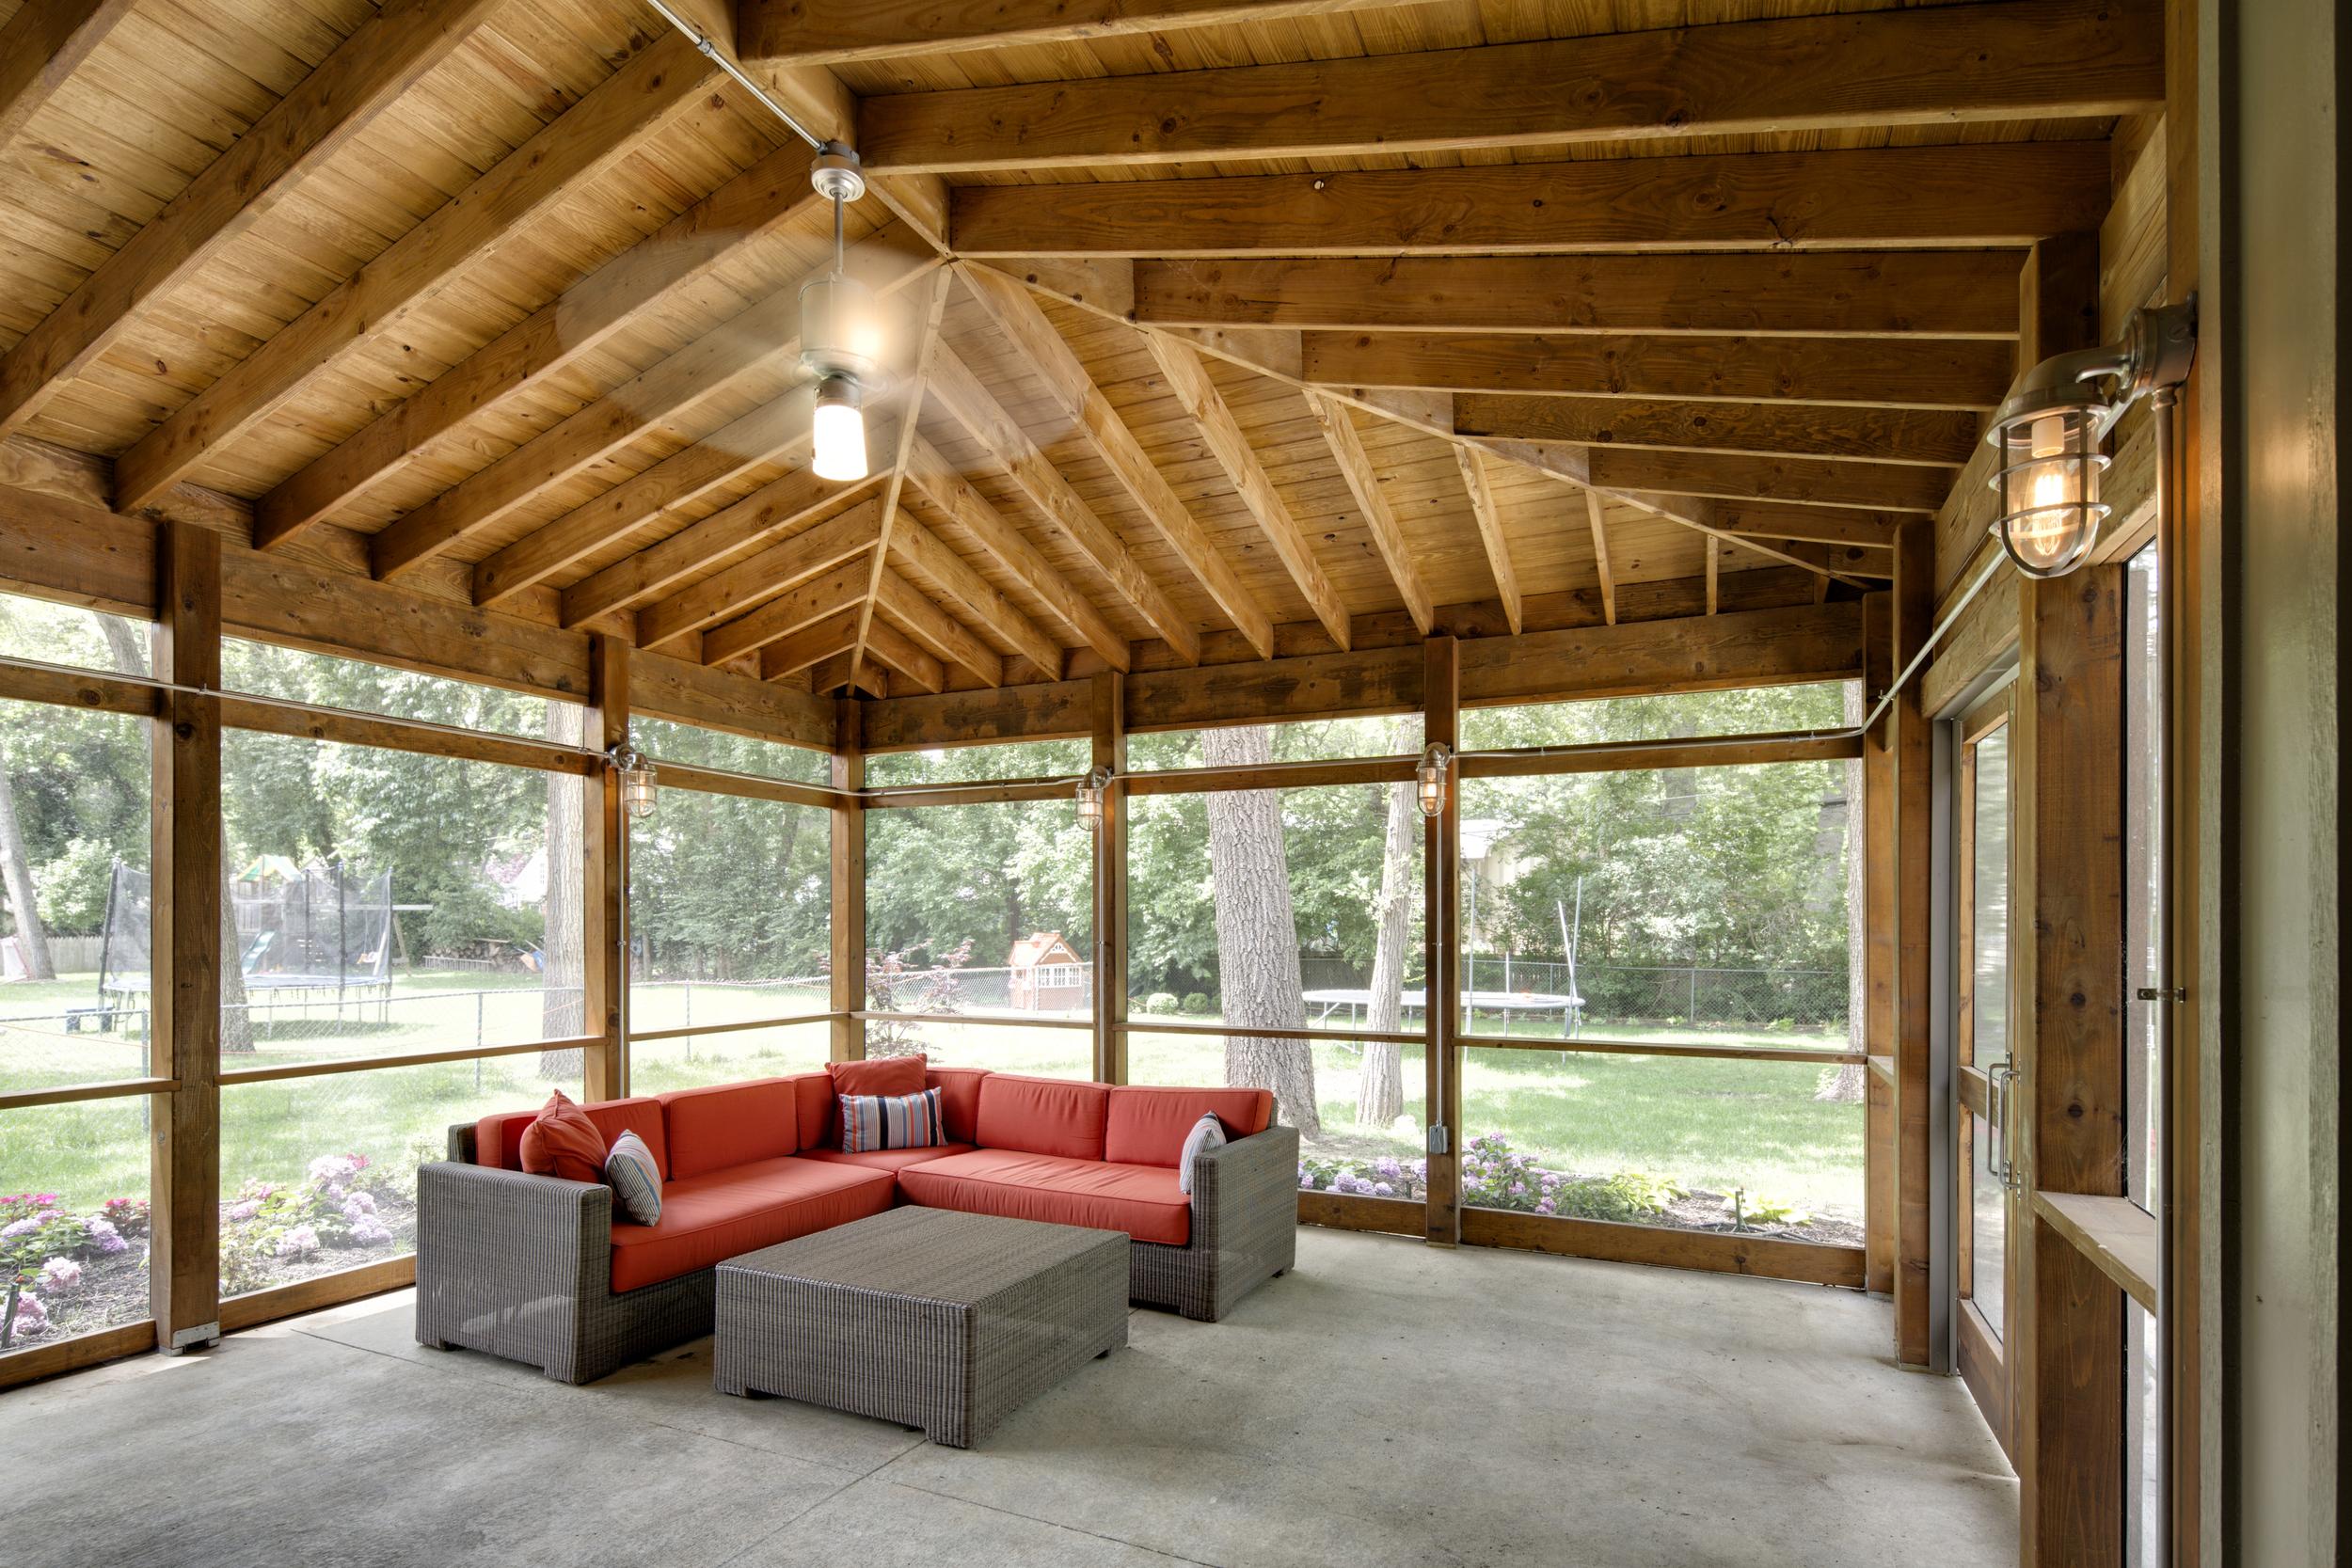 PrairieDesignBuild_interior3_Final.jpg